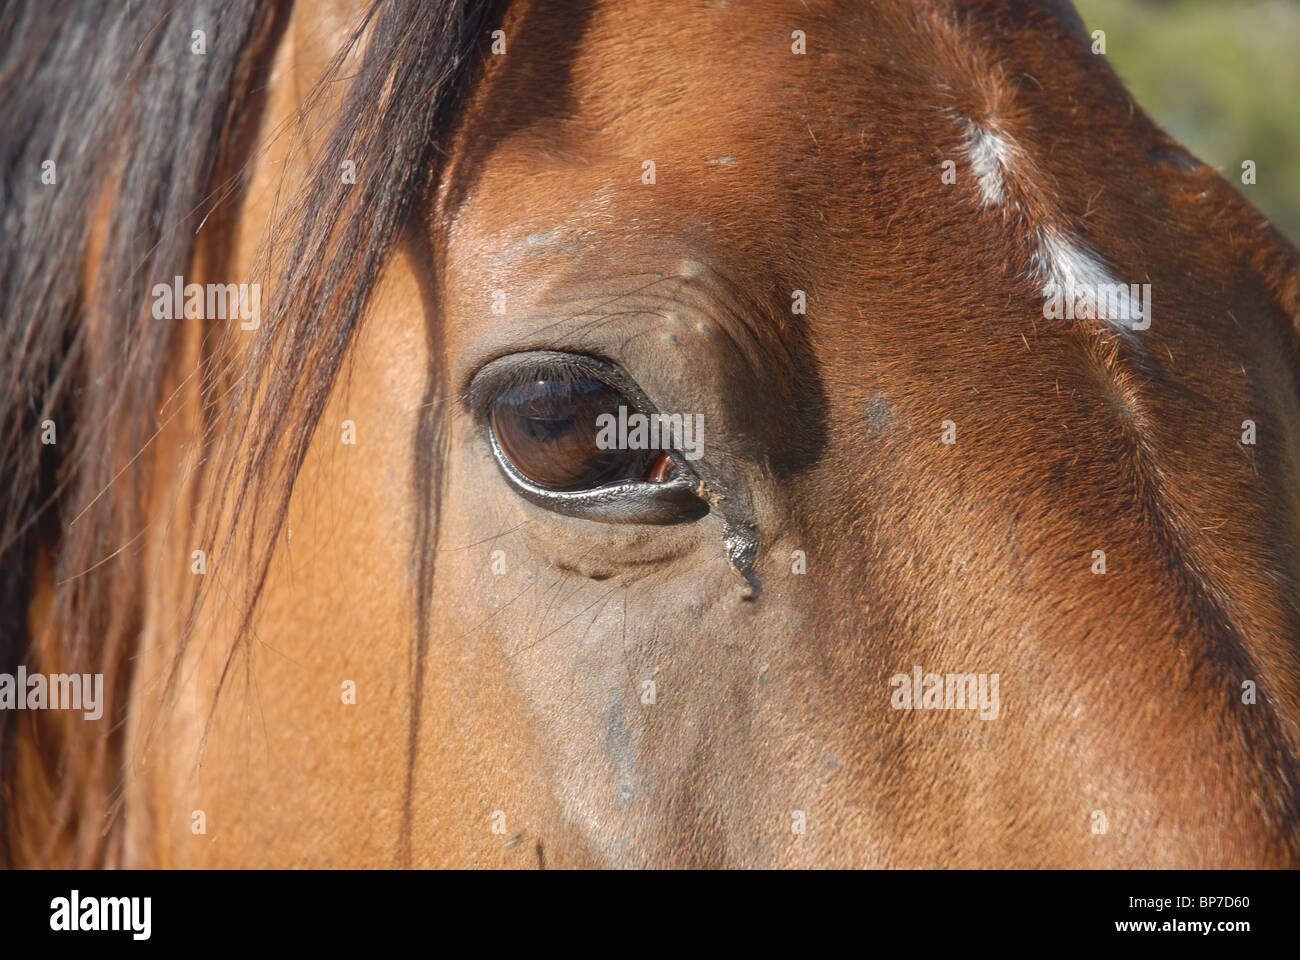 Bay Horse with star, La Sella, Denia, Alicante Spain - Stock Image